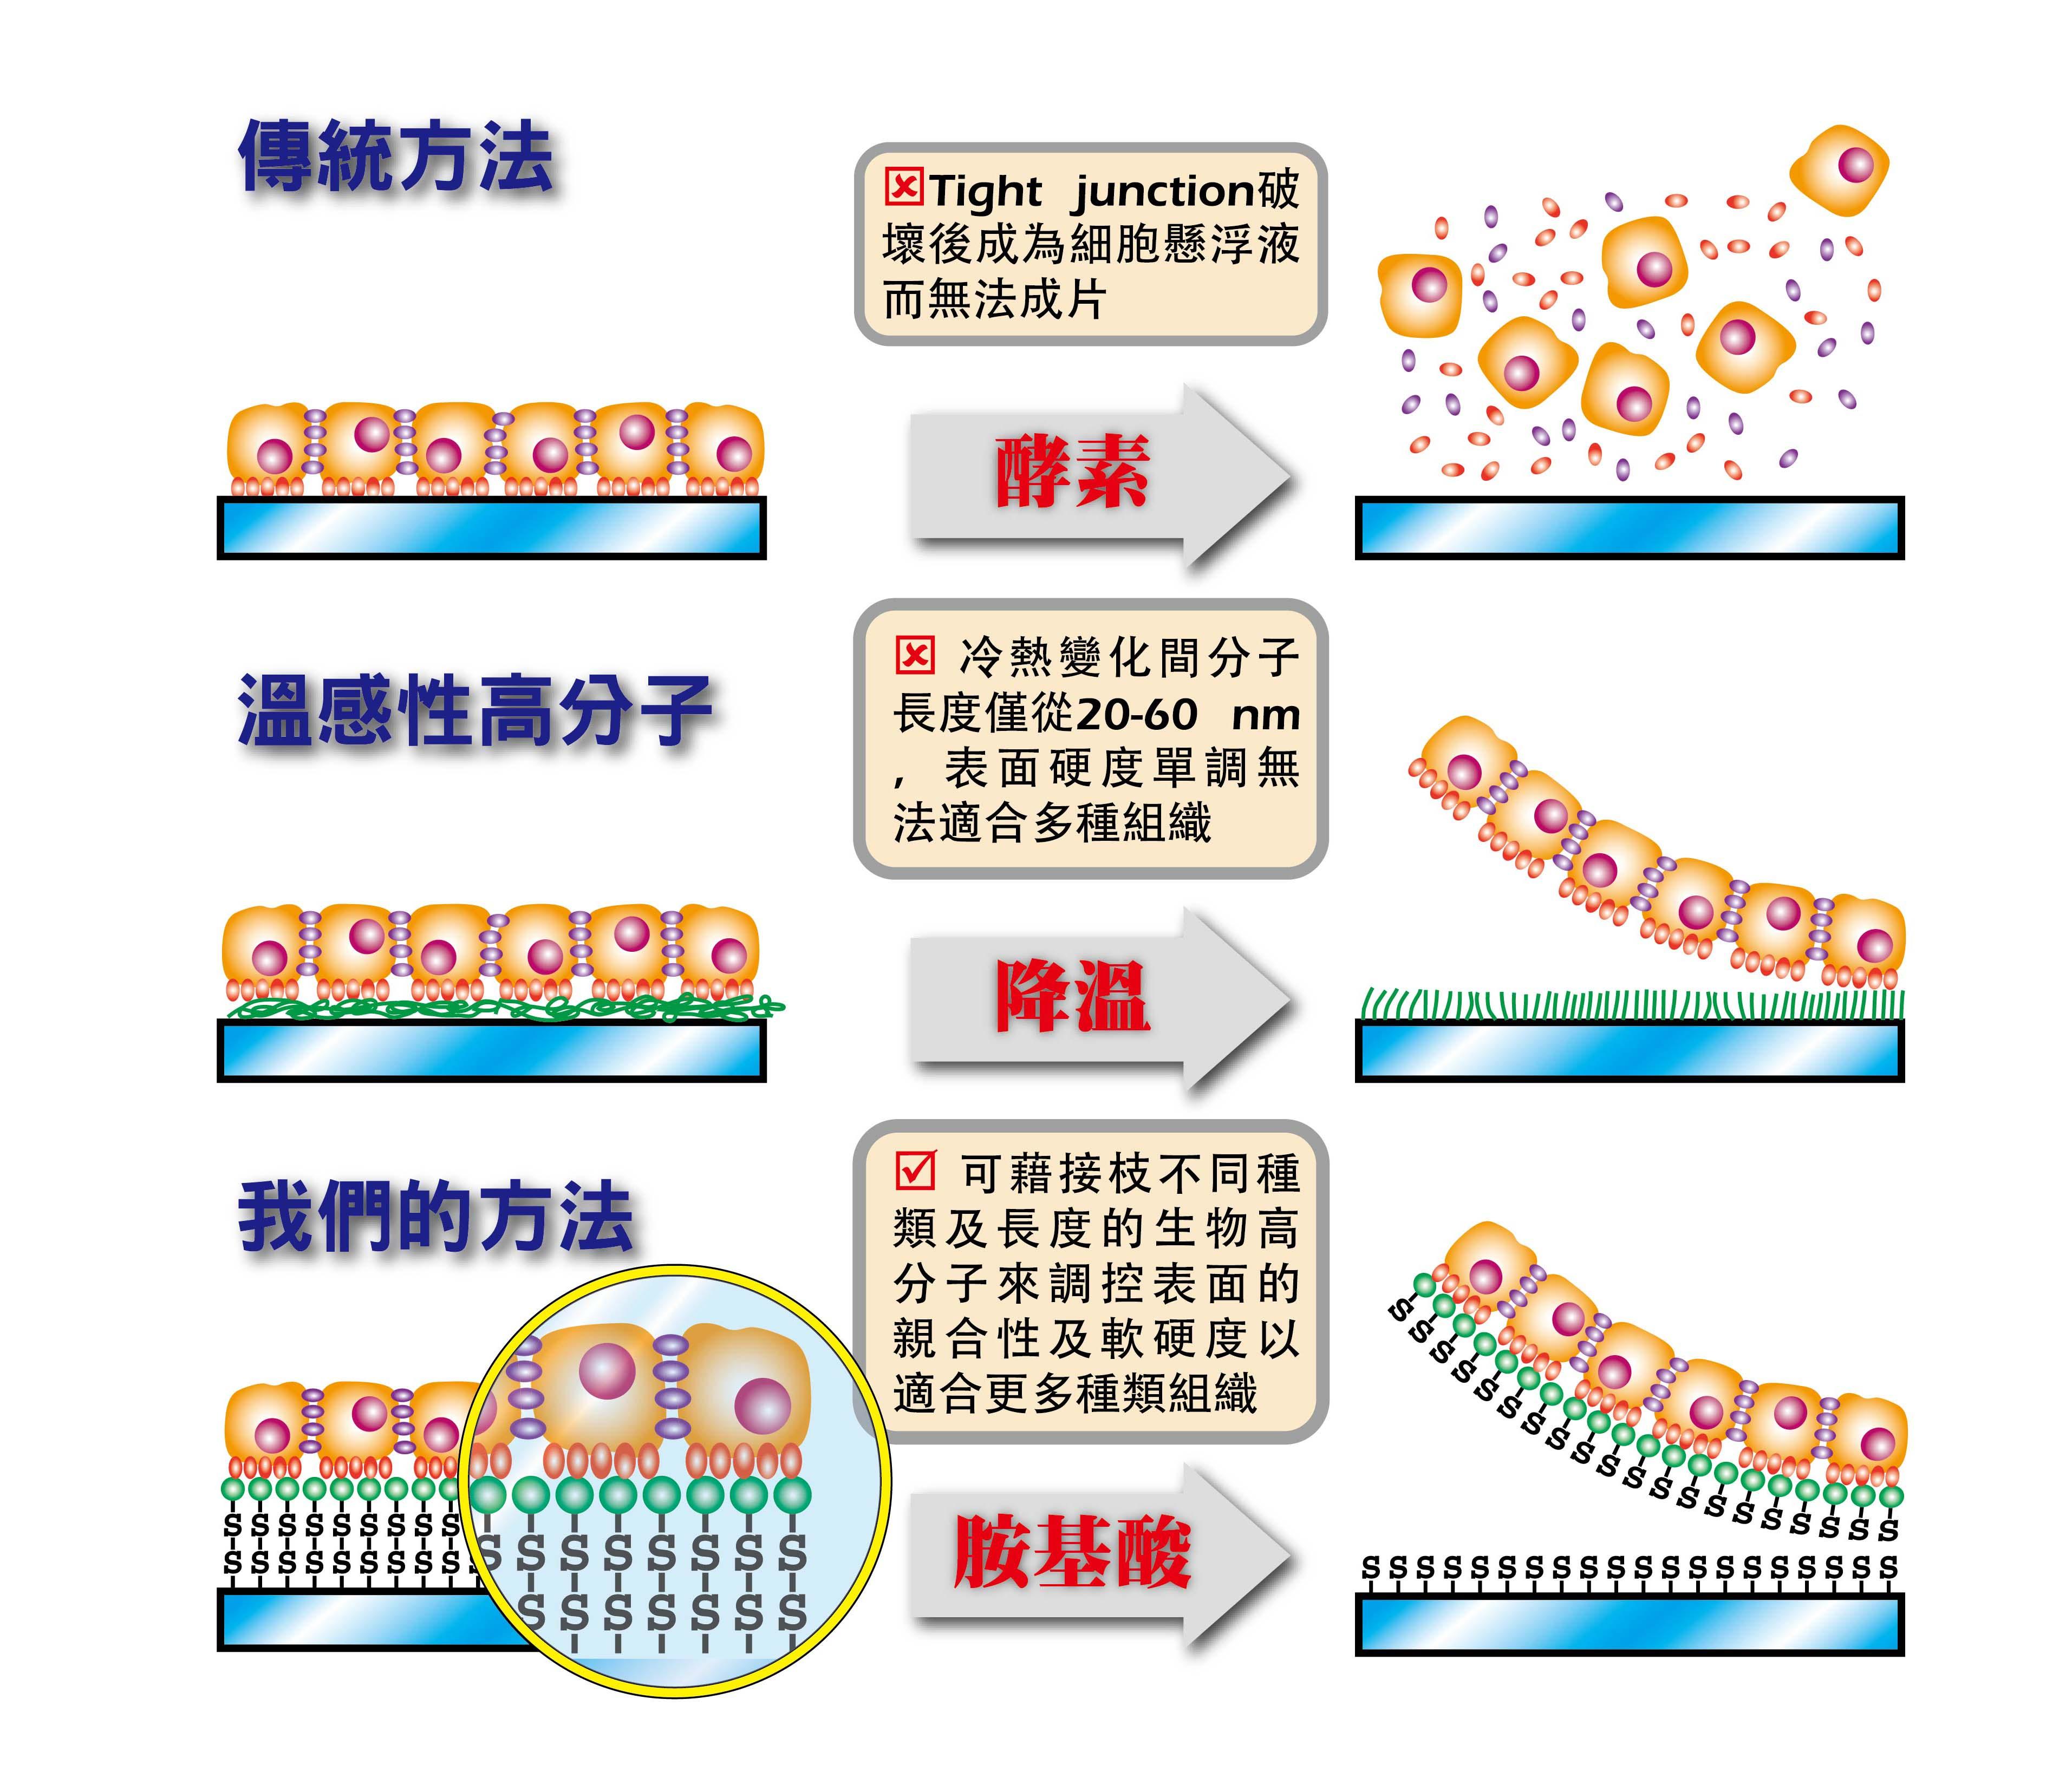 片狀細胞工程示意圖